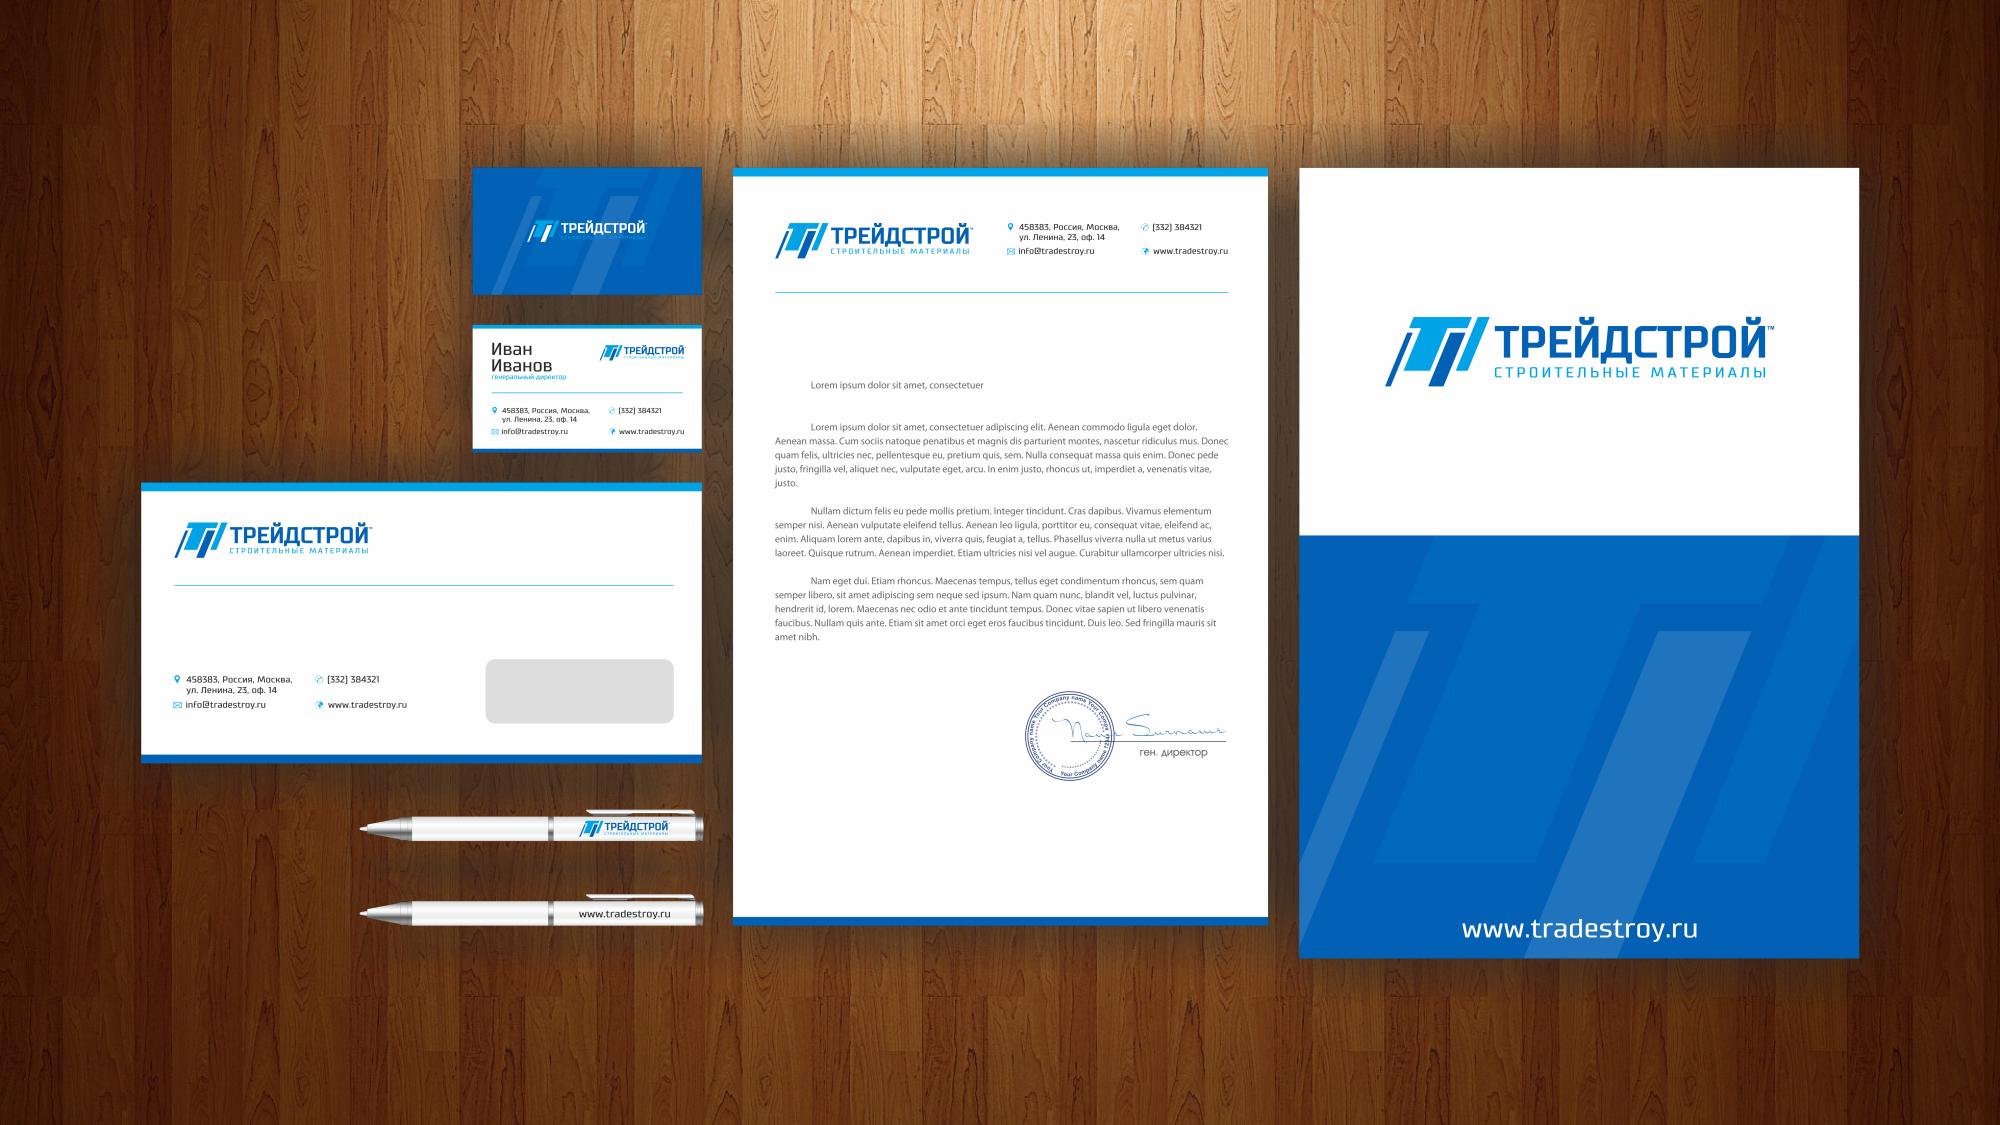 Разработка логотипа и общего стиля компании. фото f_5875b0c00e9dbb5b.jpg